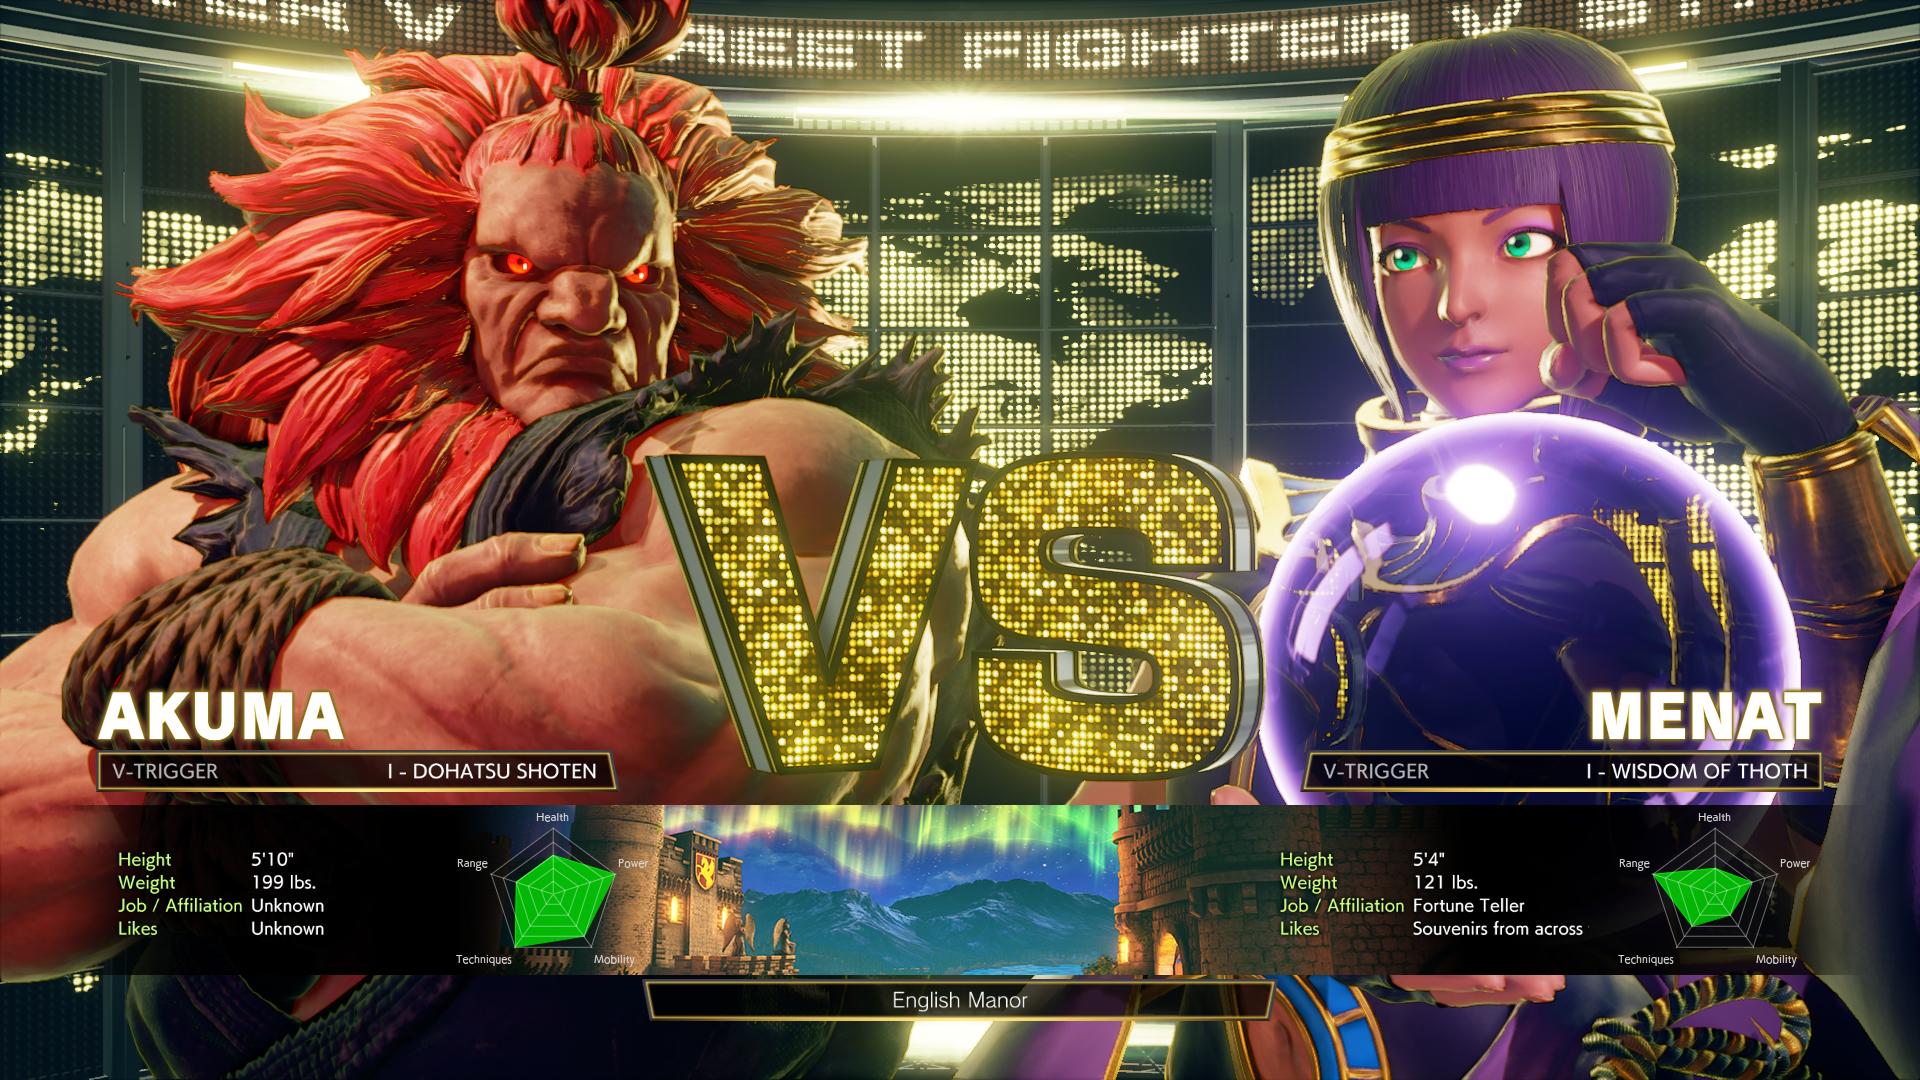 Street Fighter V: Arcade Edition - Akuma vs. Menat